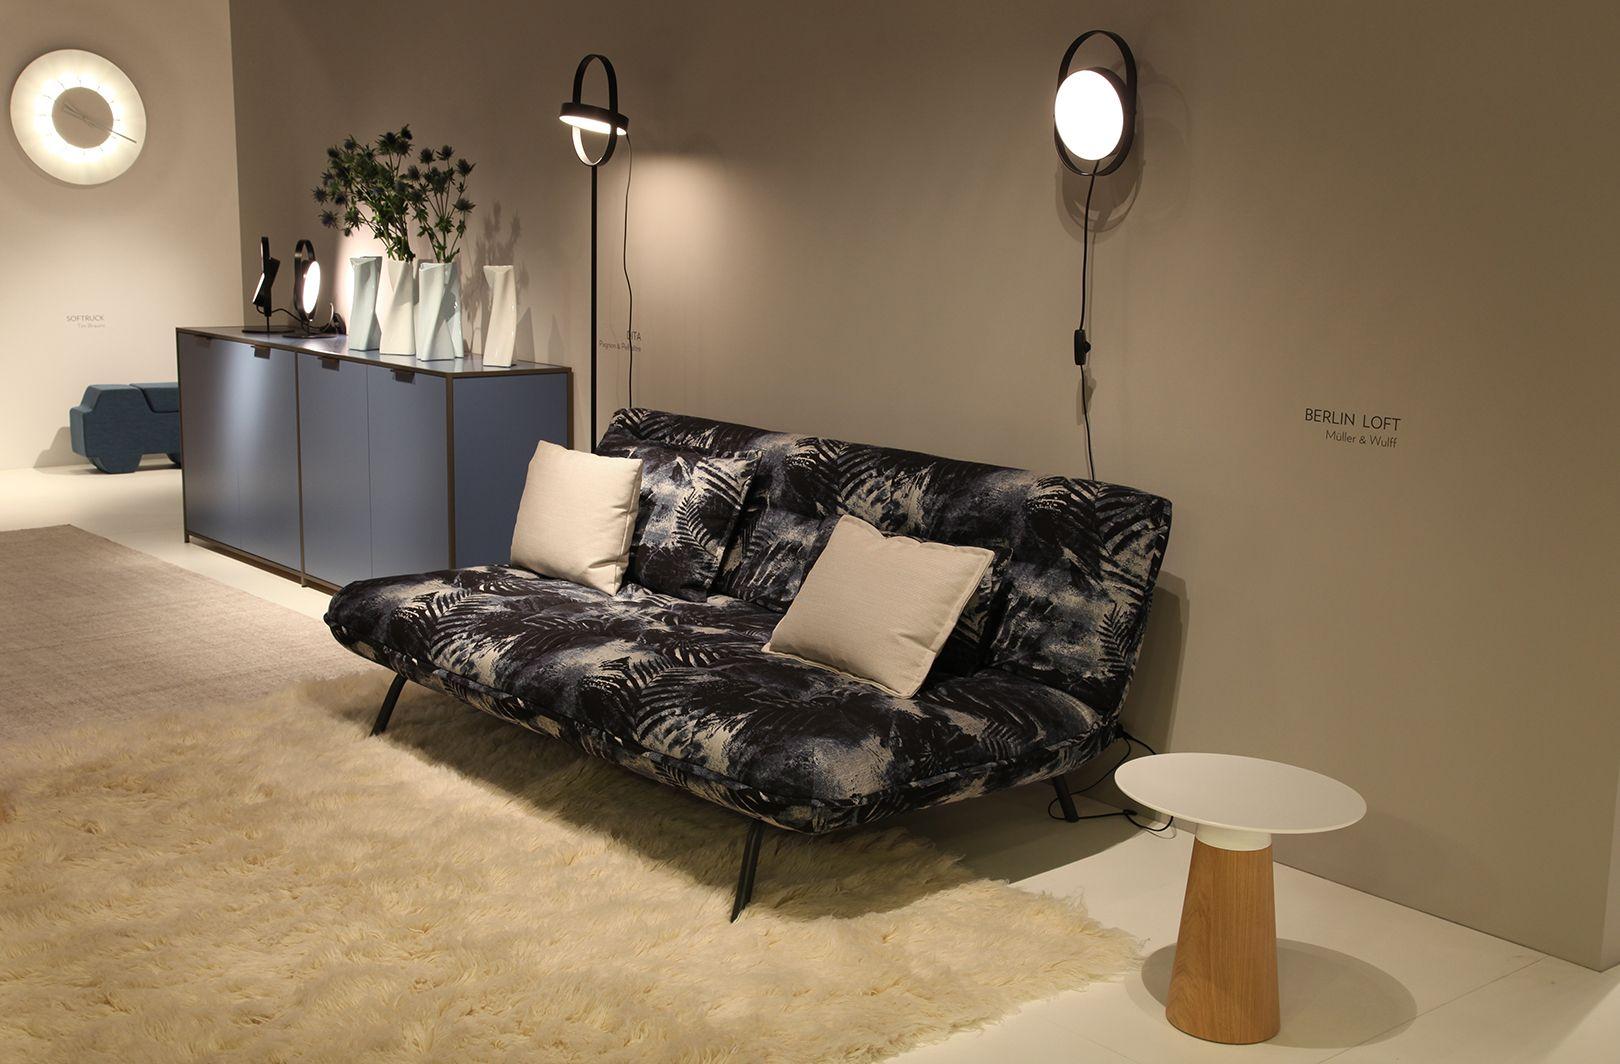 Berlin Loft Bed Settee By Muller Wulff Souterrain